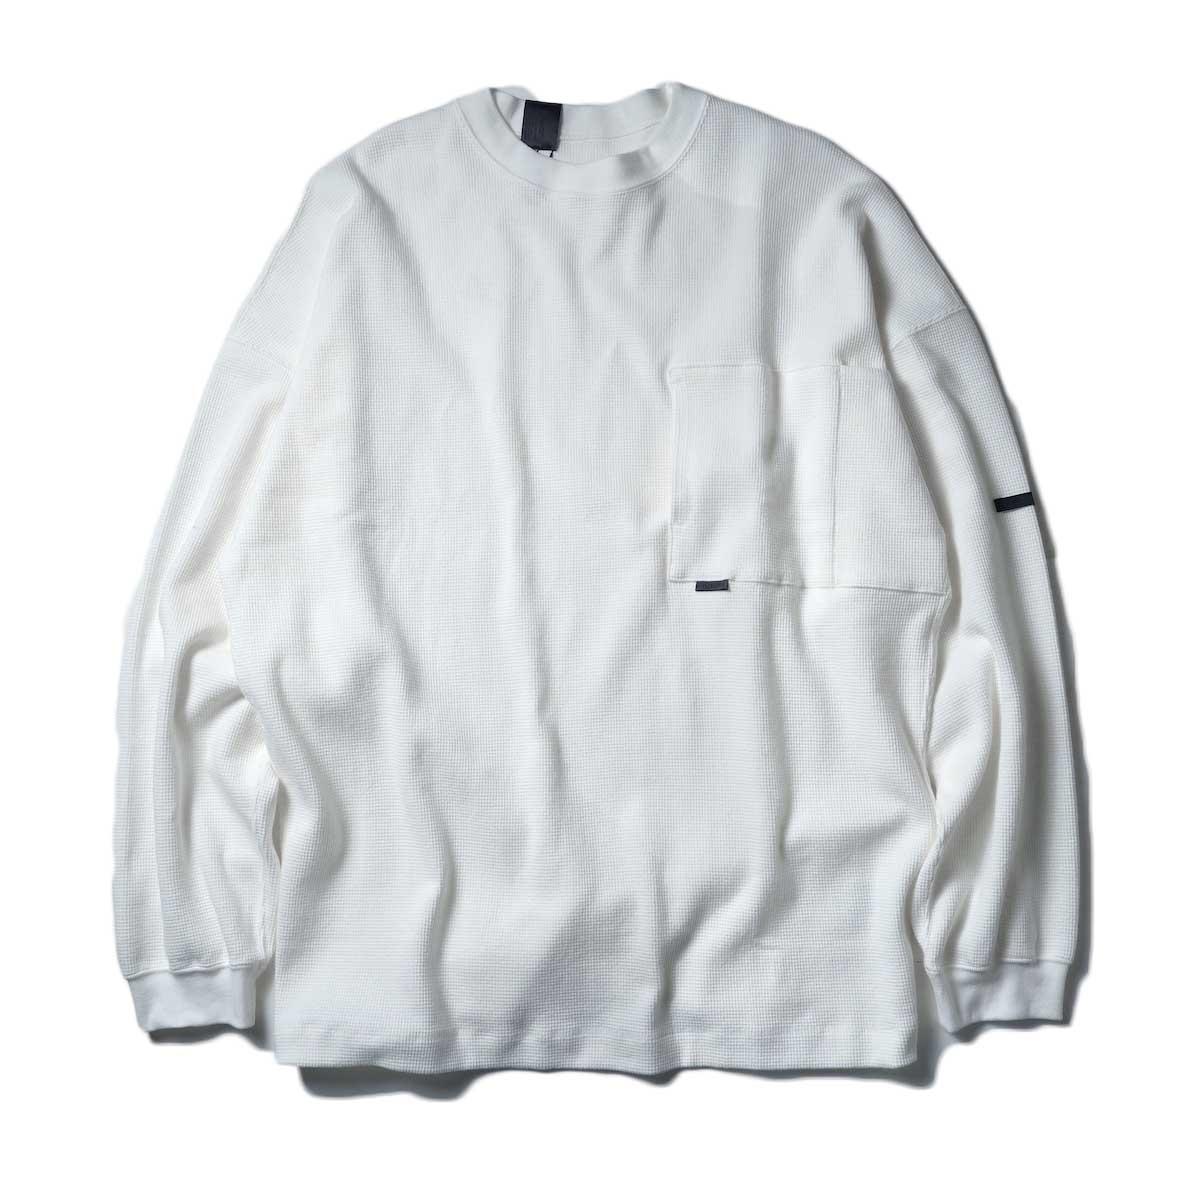 N.HOOLYWOOD / LONG SLEEVE T-SHIRT (White)